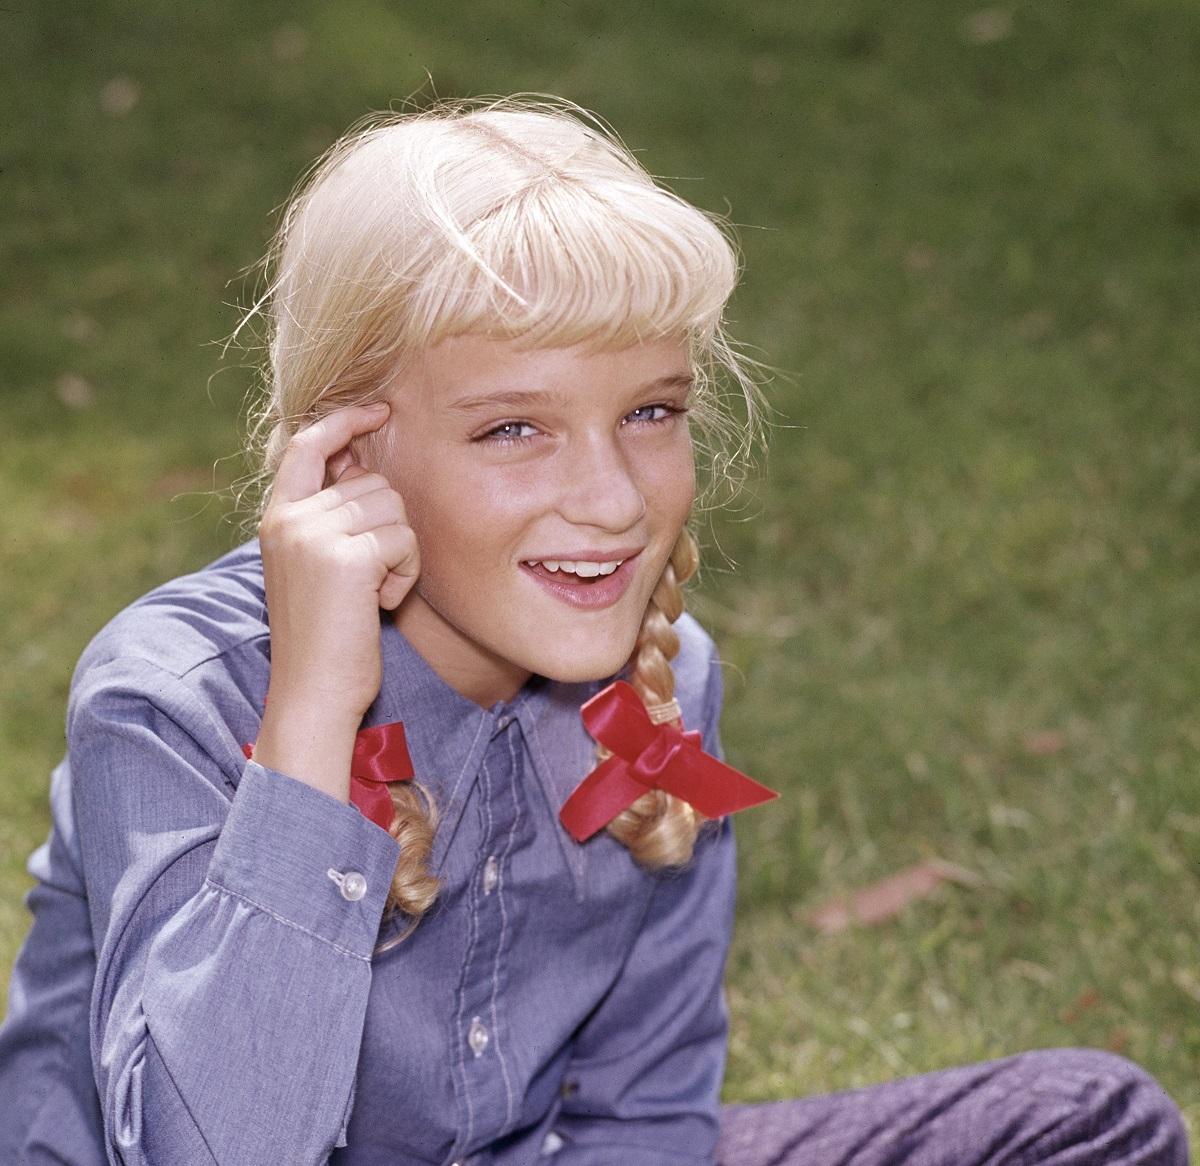 Susan Olsen as Cindy Brady